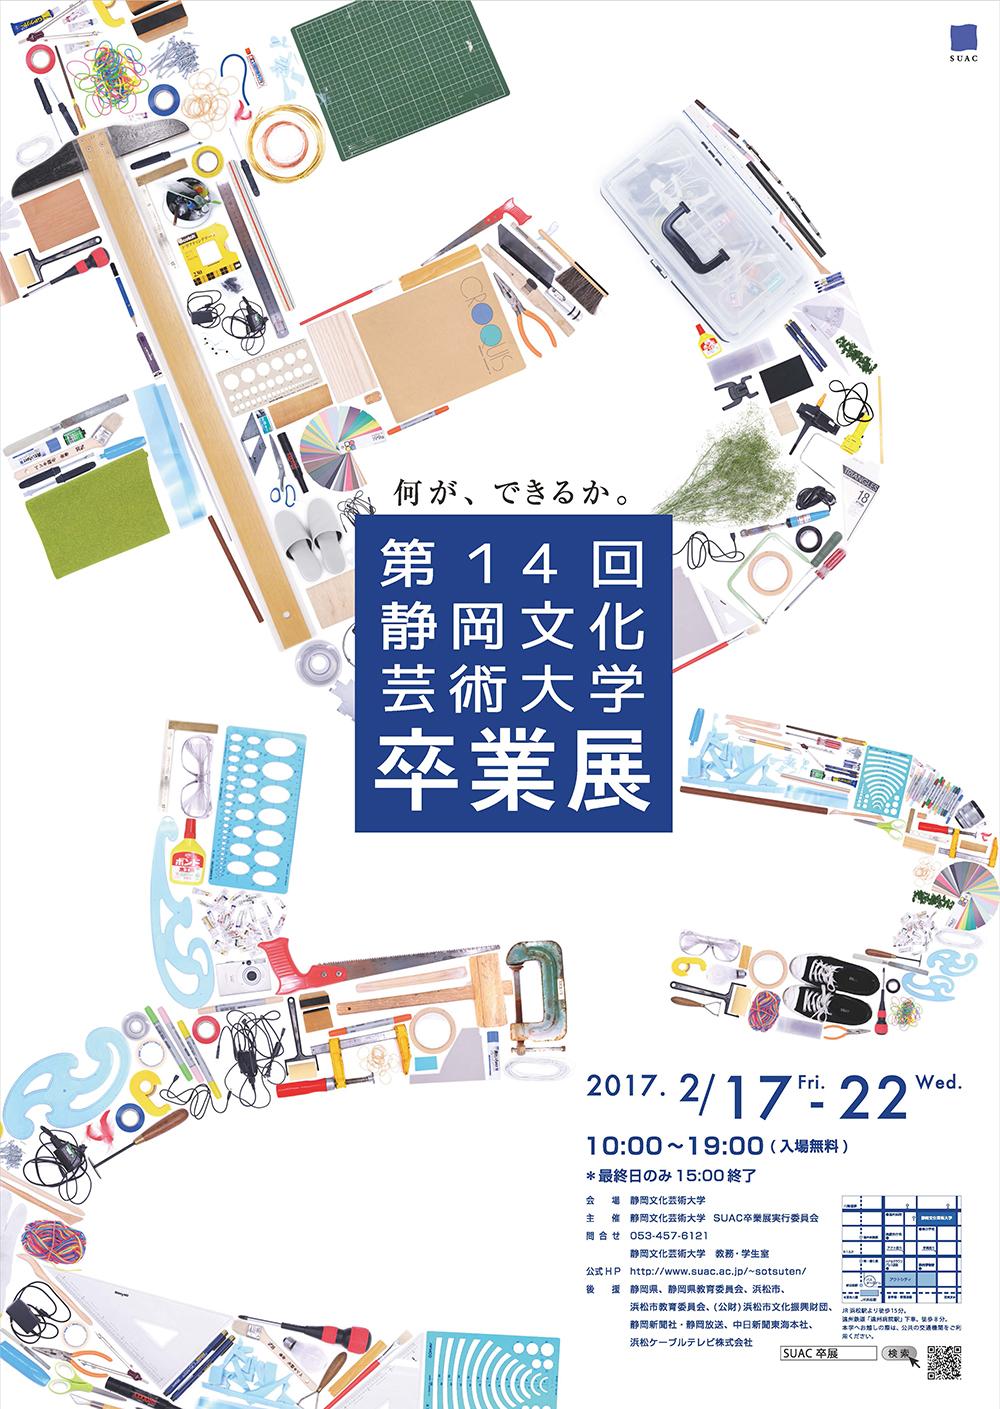 """「もっと」がテーマ! """"デザインをデザインした""""卒業作品を展示した静岡文化芸術大学デザイン学部の卒業展が2月17日に開幕"""